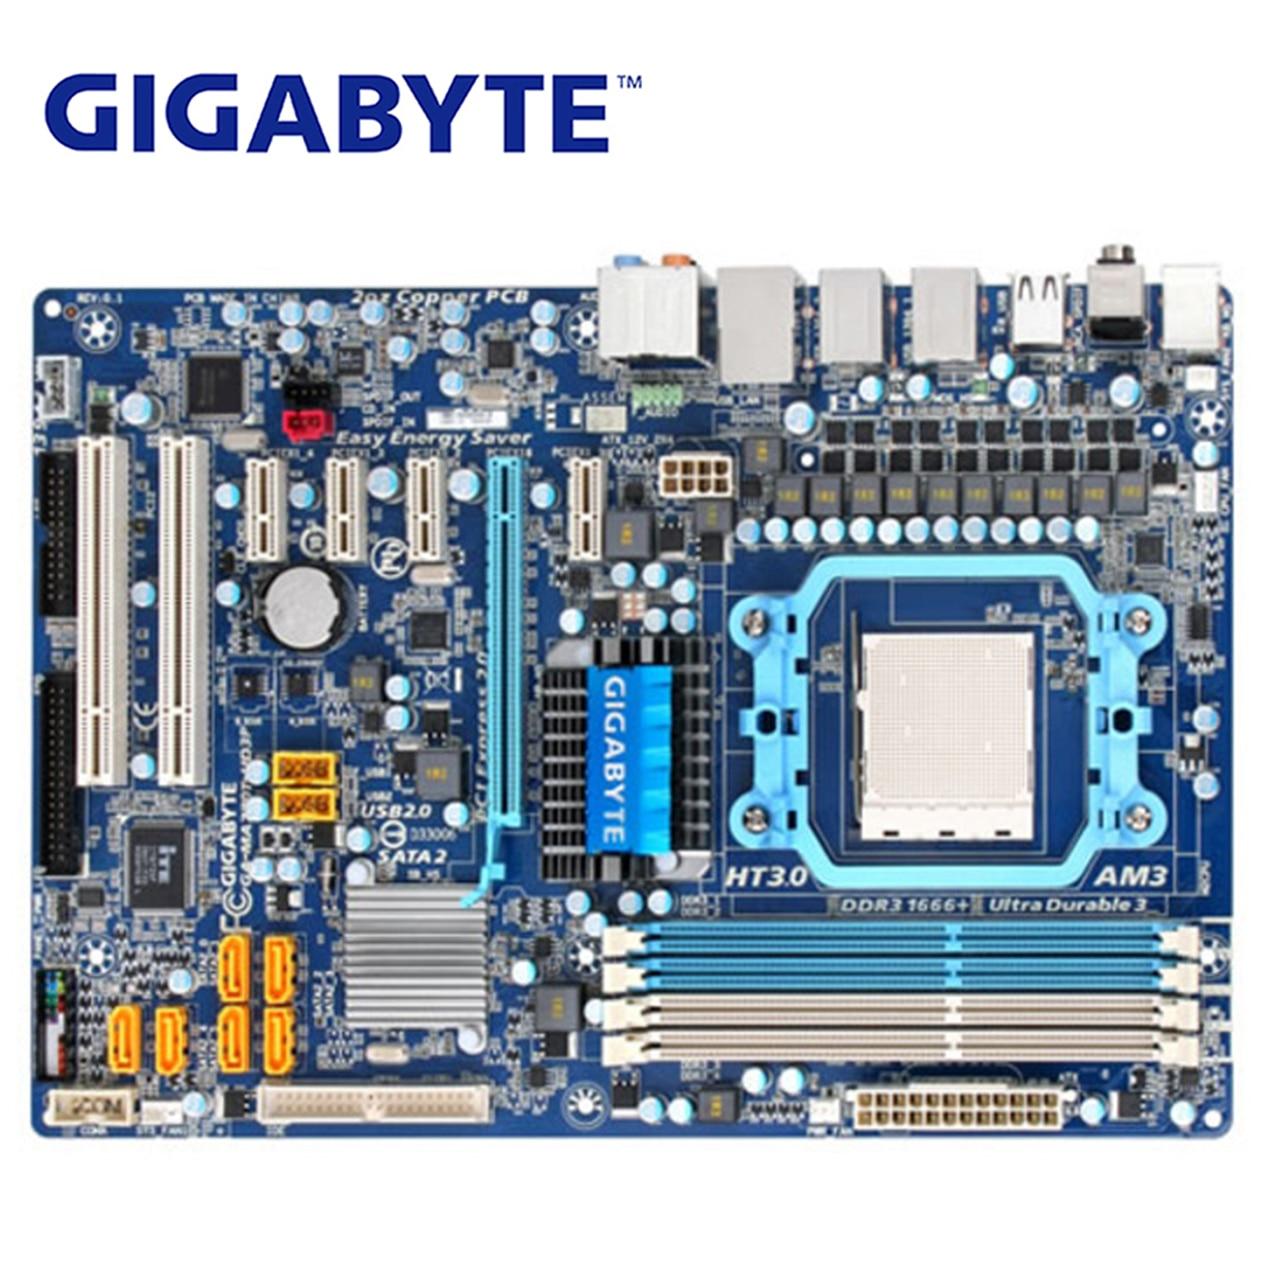 Para AMD AM3 Gigabyte GA-MA770T-UD3P placa base DDR3 USB2.0 16G hembra MA770T MA 770 770 UD3P placa base de escritorio Systemboard utilizado